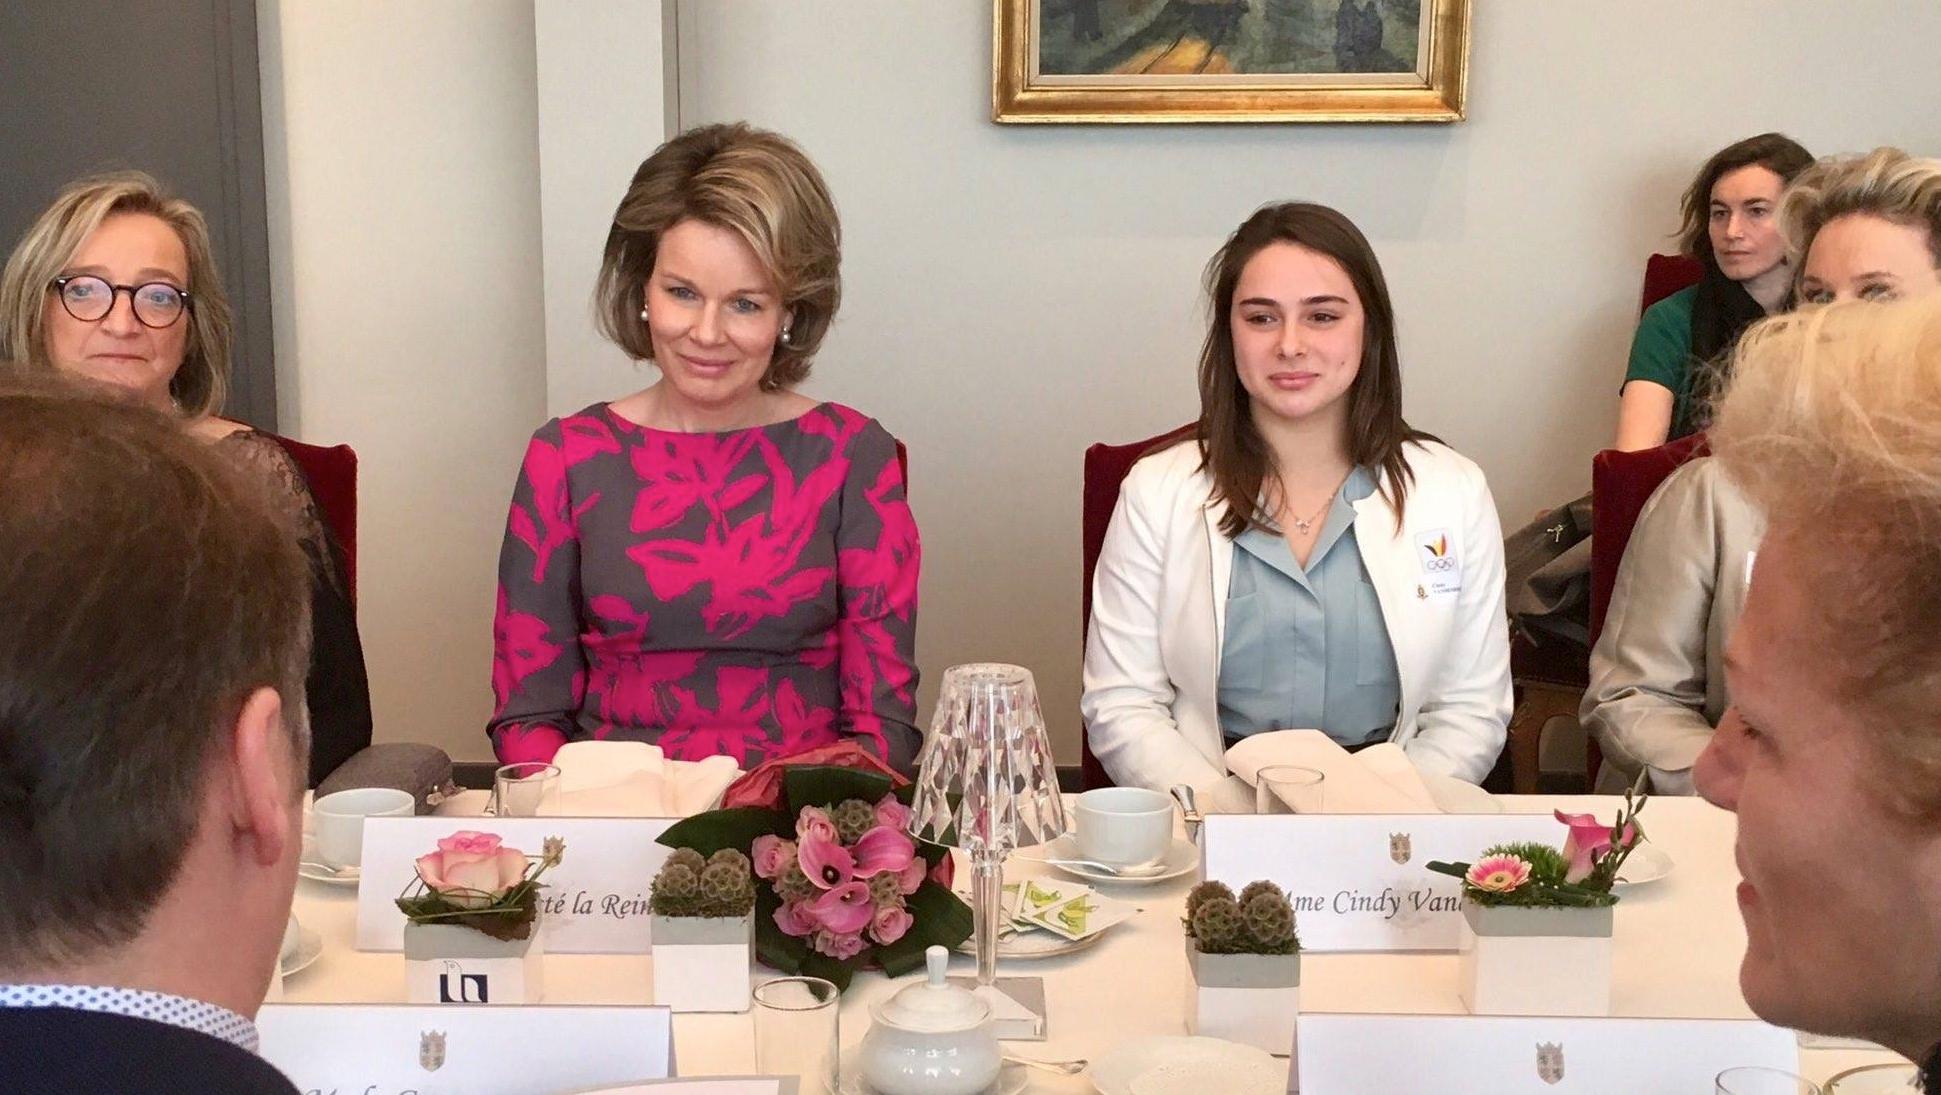 Cindy Vandenhole et Fanny Lecluyse aux côtés de la reine Mathilde